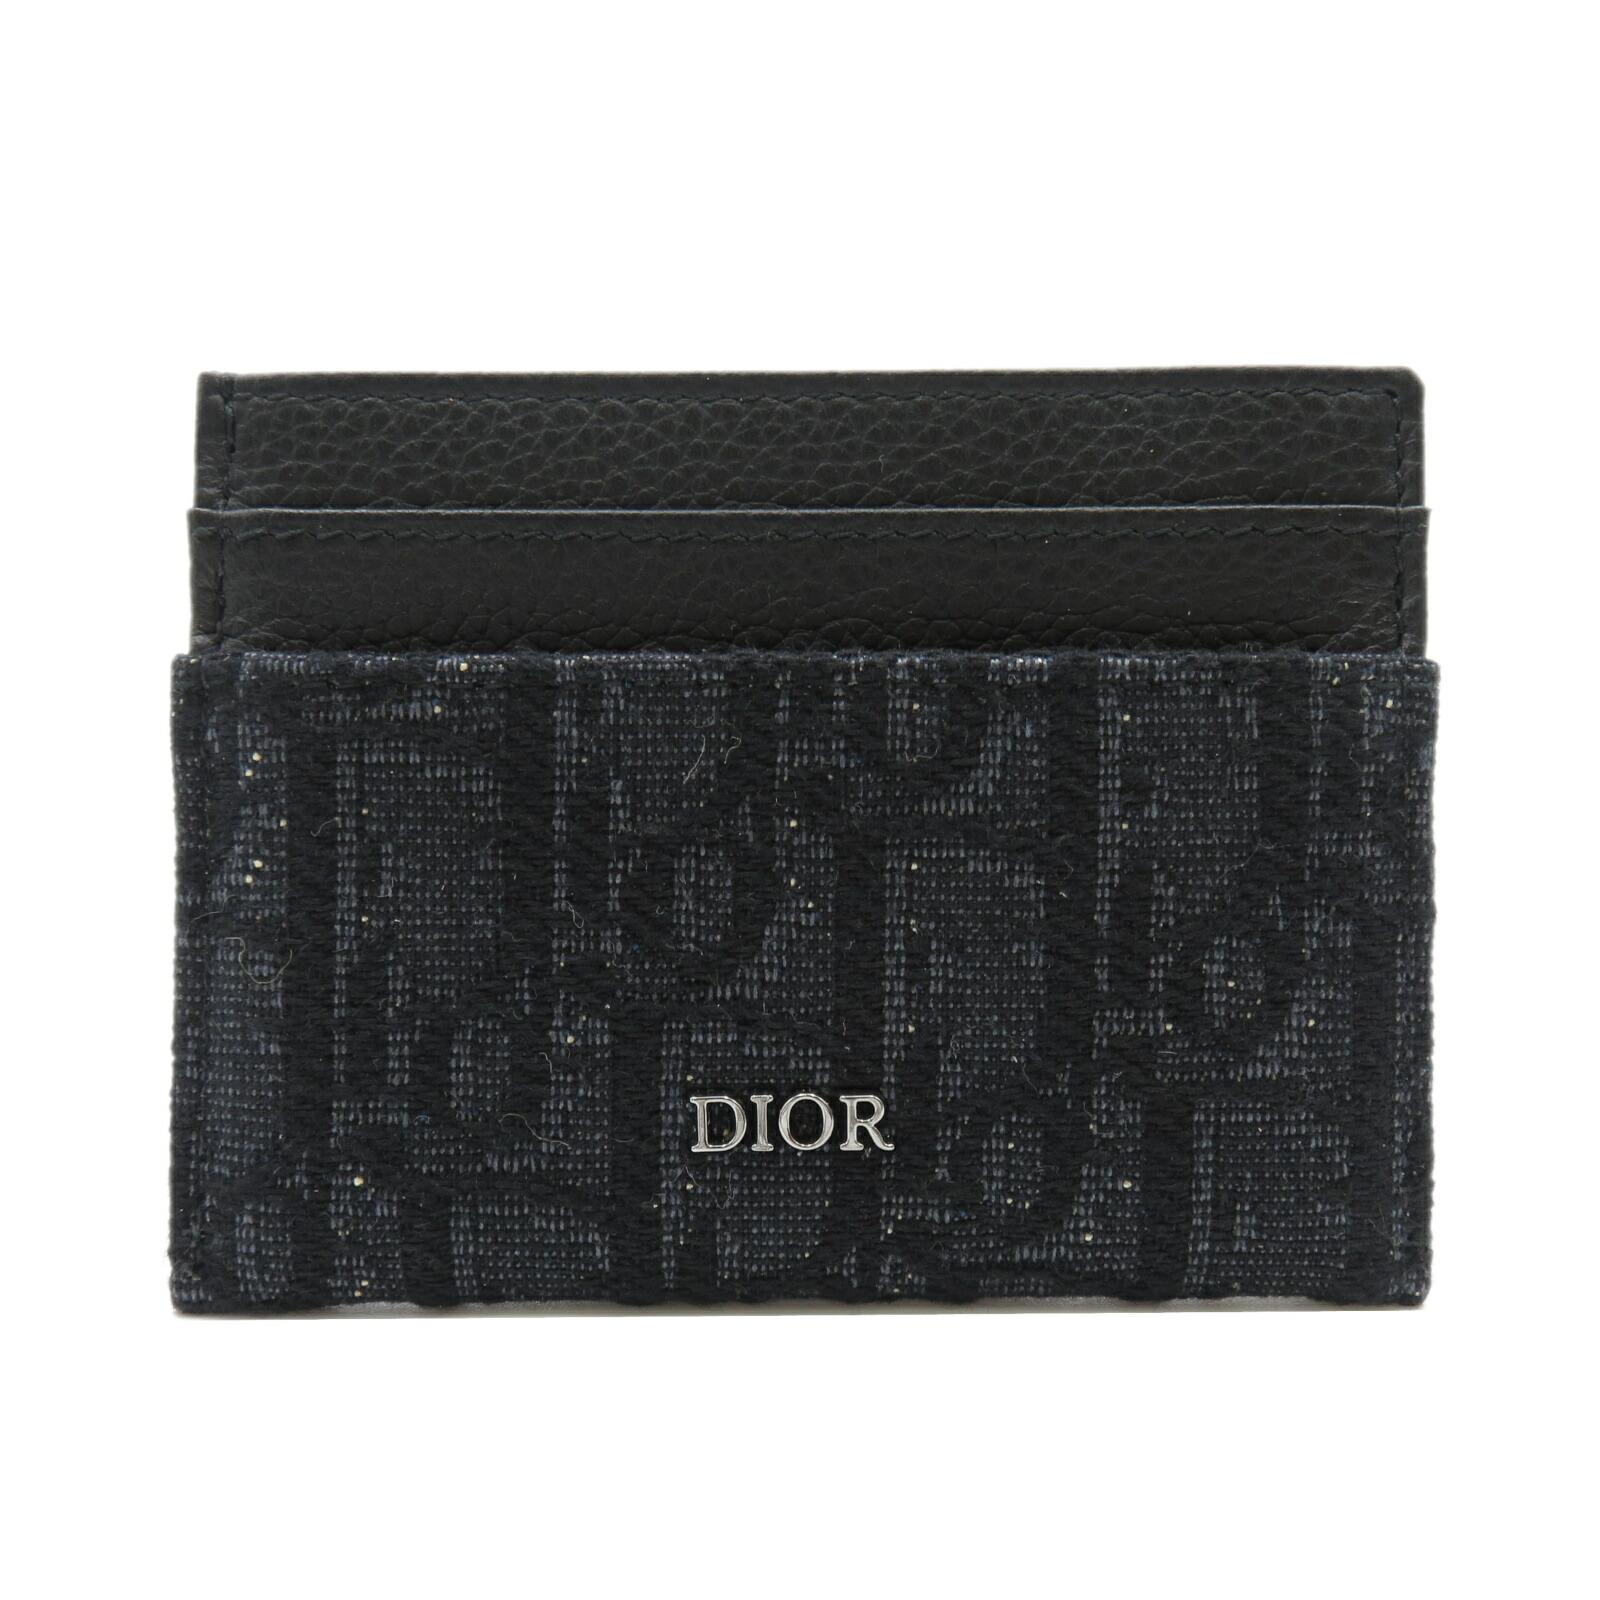 ディオール カードケース ランクS ブランドオフ 8 9より 最大2万円OFFクーポン ポイント2倍 レディース ブラック系 アクセサリー 中古 中古 チープ キャンバスレザーメンズ ブラック Dior オブリーク